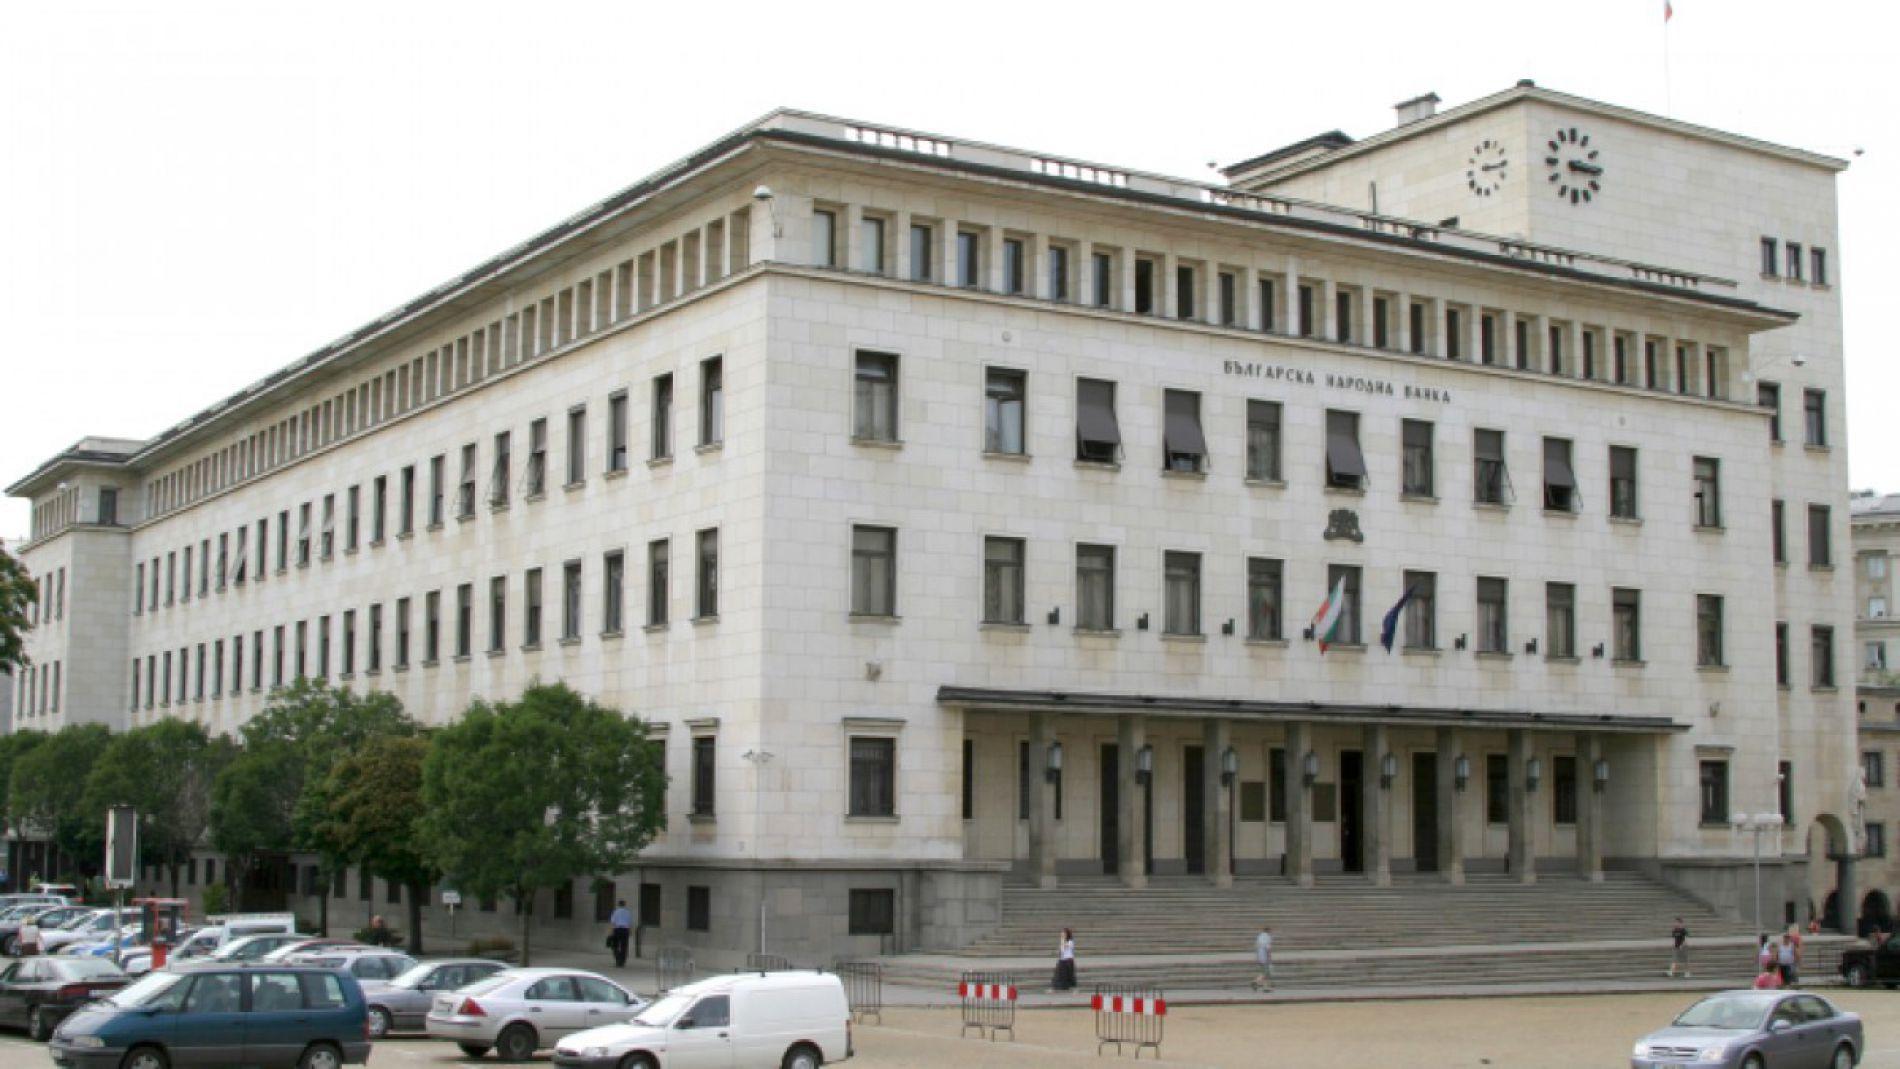 Стабильность болгарских банков подтверждена аудитом ЕЦБ